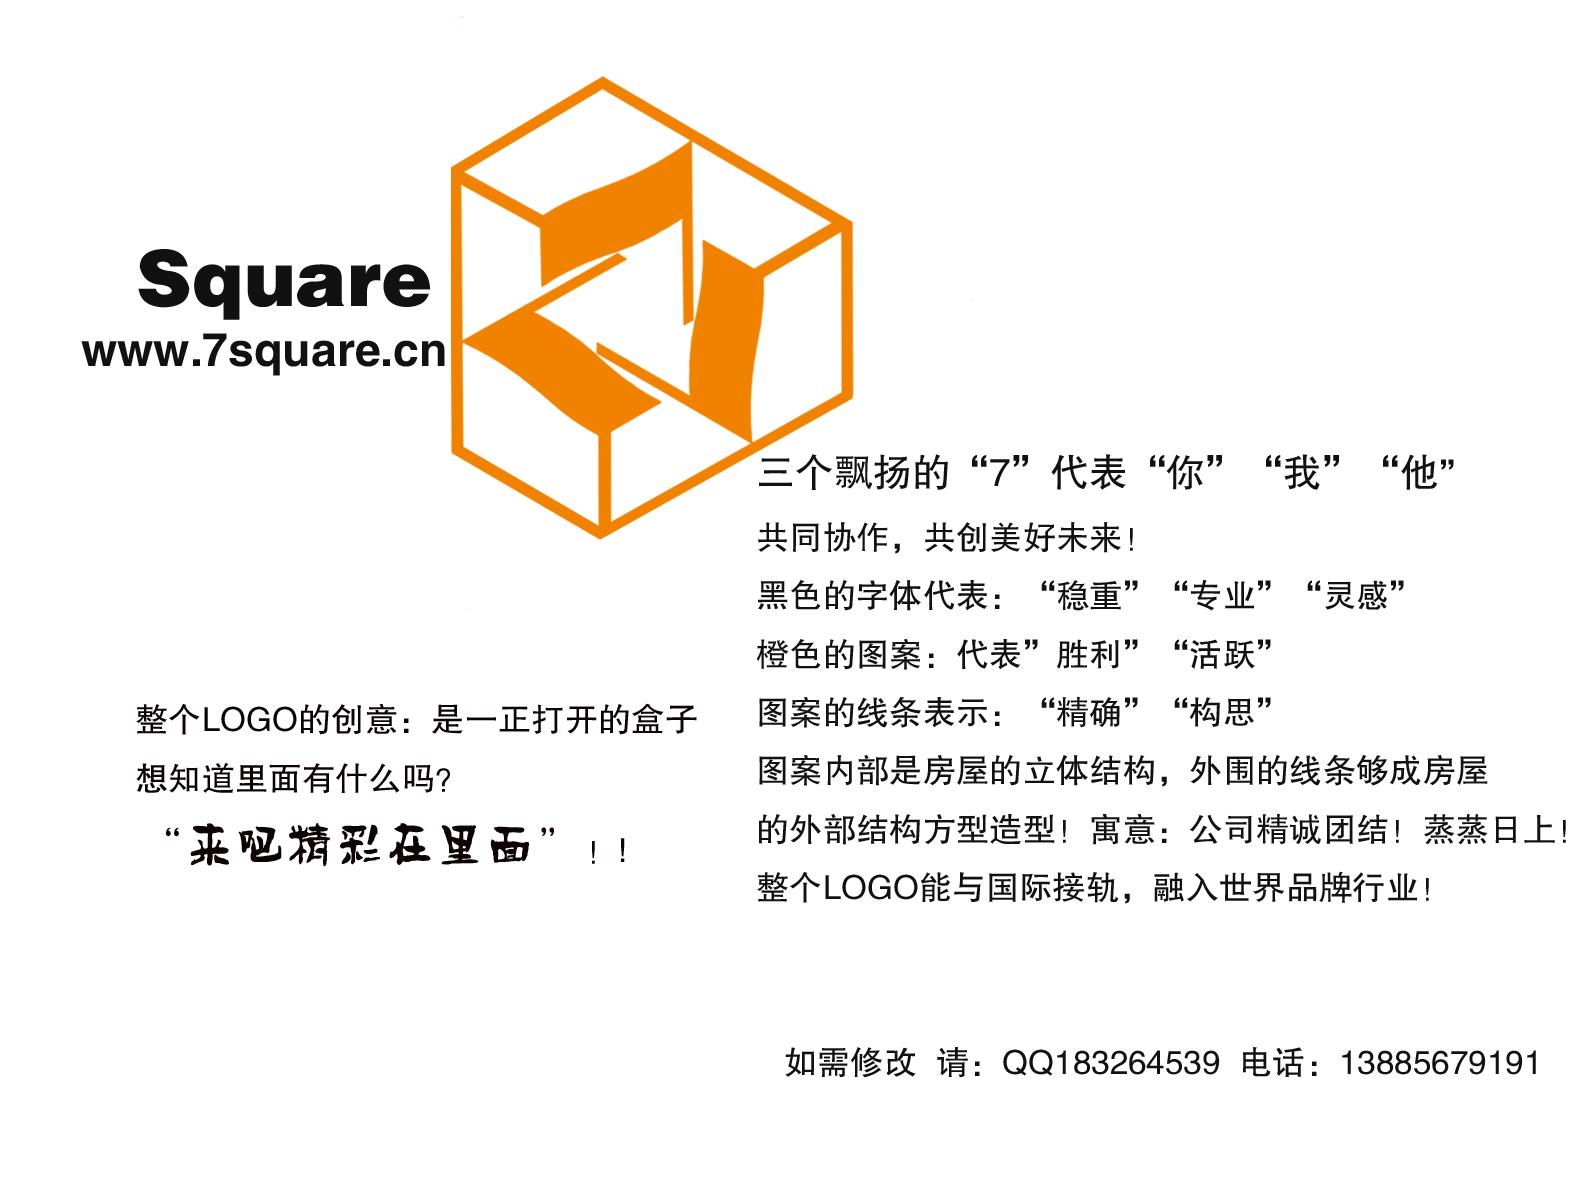 大家好: 我们注册的室内设计公司英文名字叫:Seven Square Interior design 中文的简称是:七方室内设计(在LOGO里面不需要出现任何中文,只是图形,还有英文标准字体<如果有必要的话>) 做为一家设计公司,我们需要一个LOGO的设计,要求如下: 1. 阿拉伯数字7的变体图标,可以把数字7设计成一面飘扬的旗帜,像柒牌男装的那个7的感觉.但不是完全照抄.或者,对这个数字7您也可以自由发挥. 2.